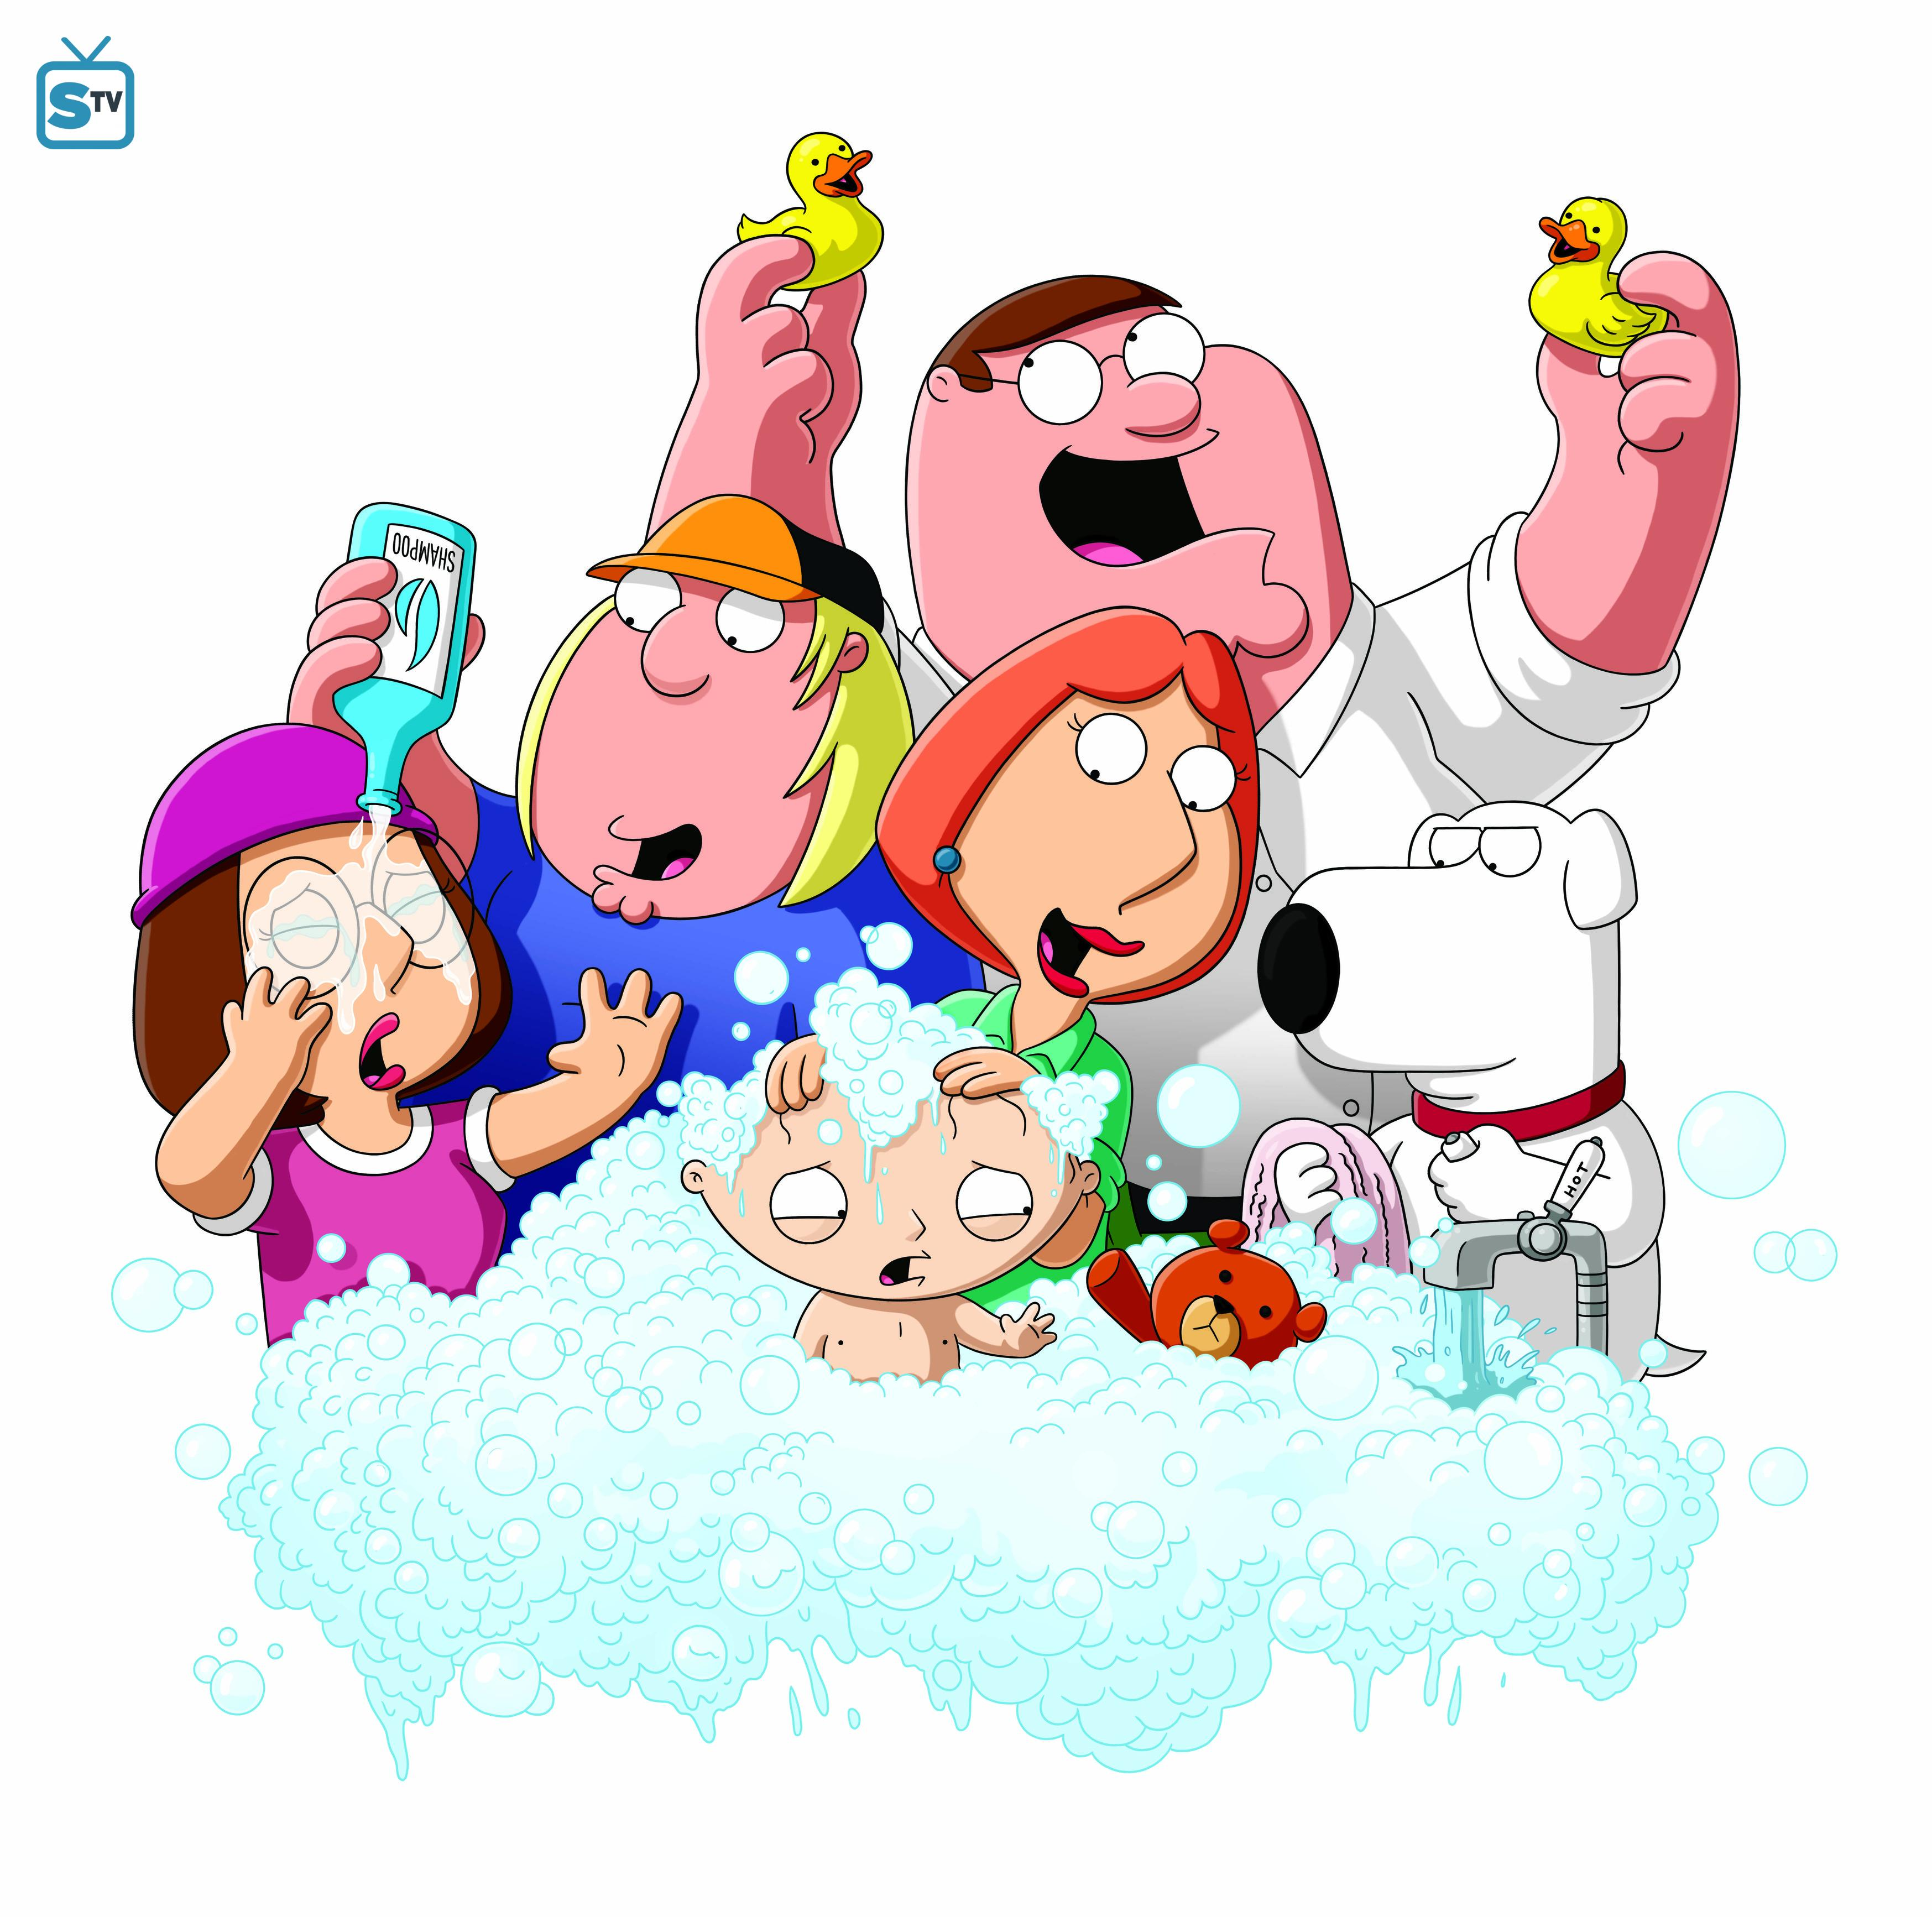 Family Guy Season 16 Cast